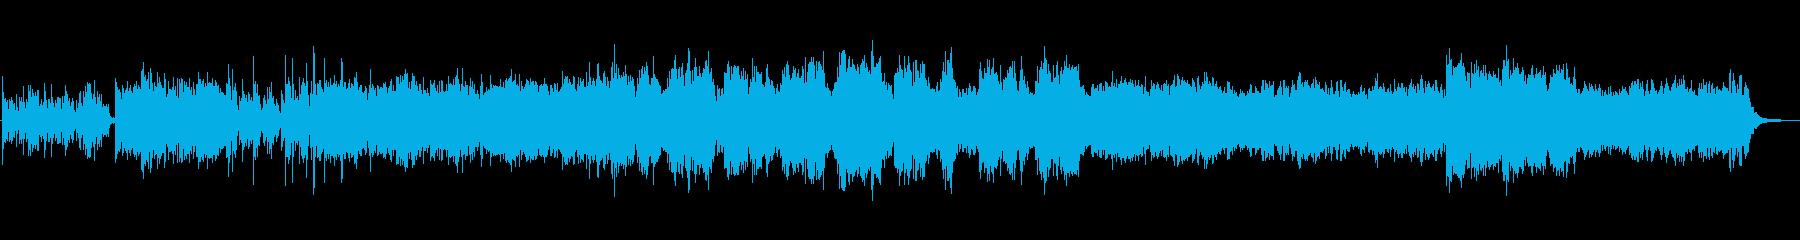 しみじみとしたスロー曲の再生済みの波形